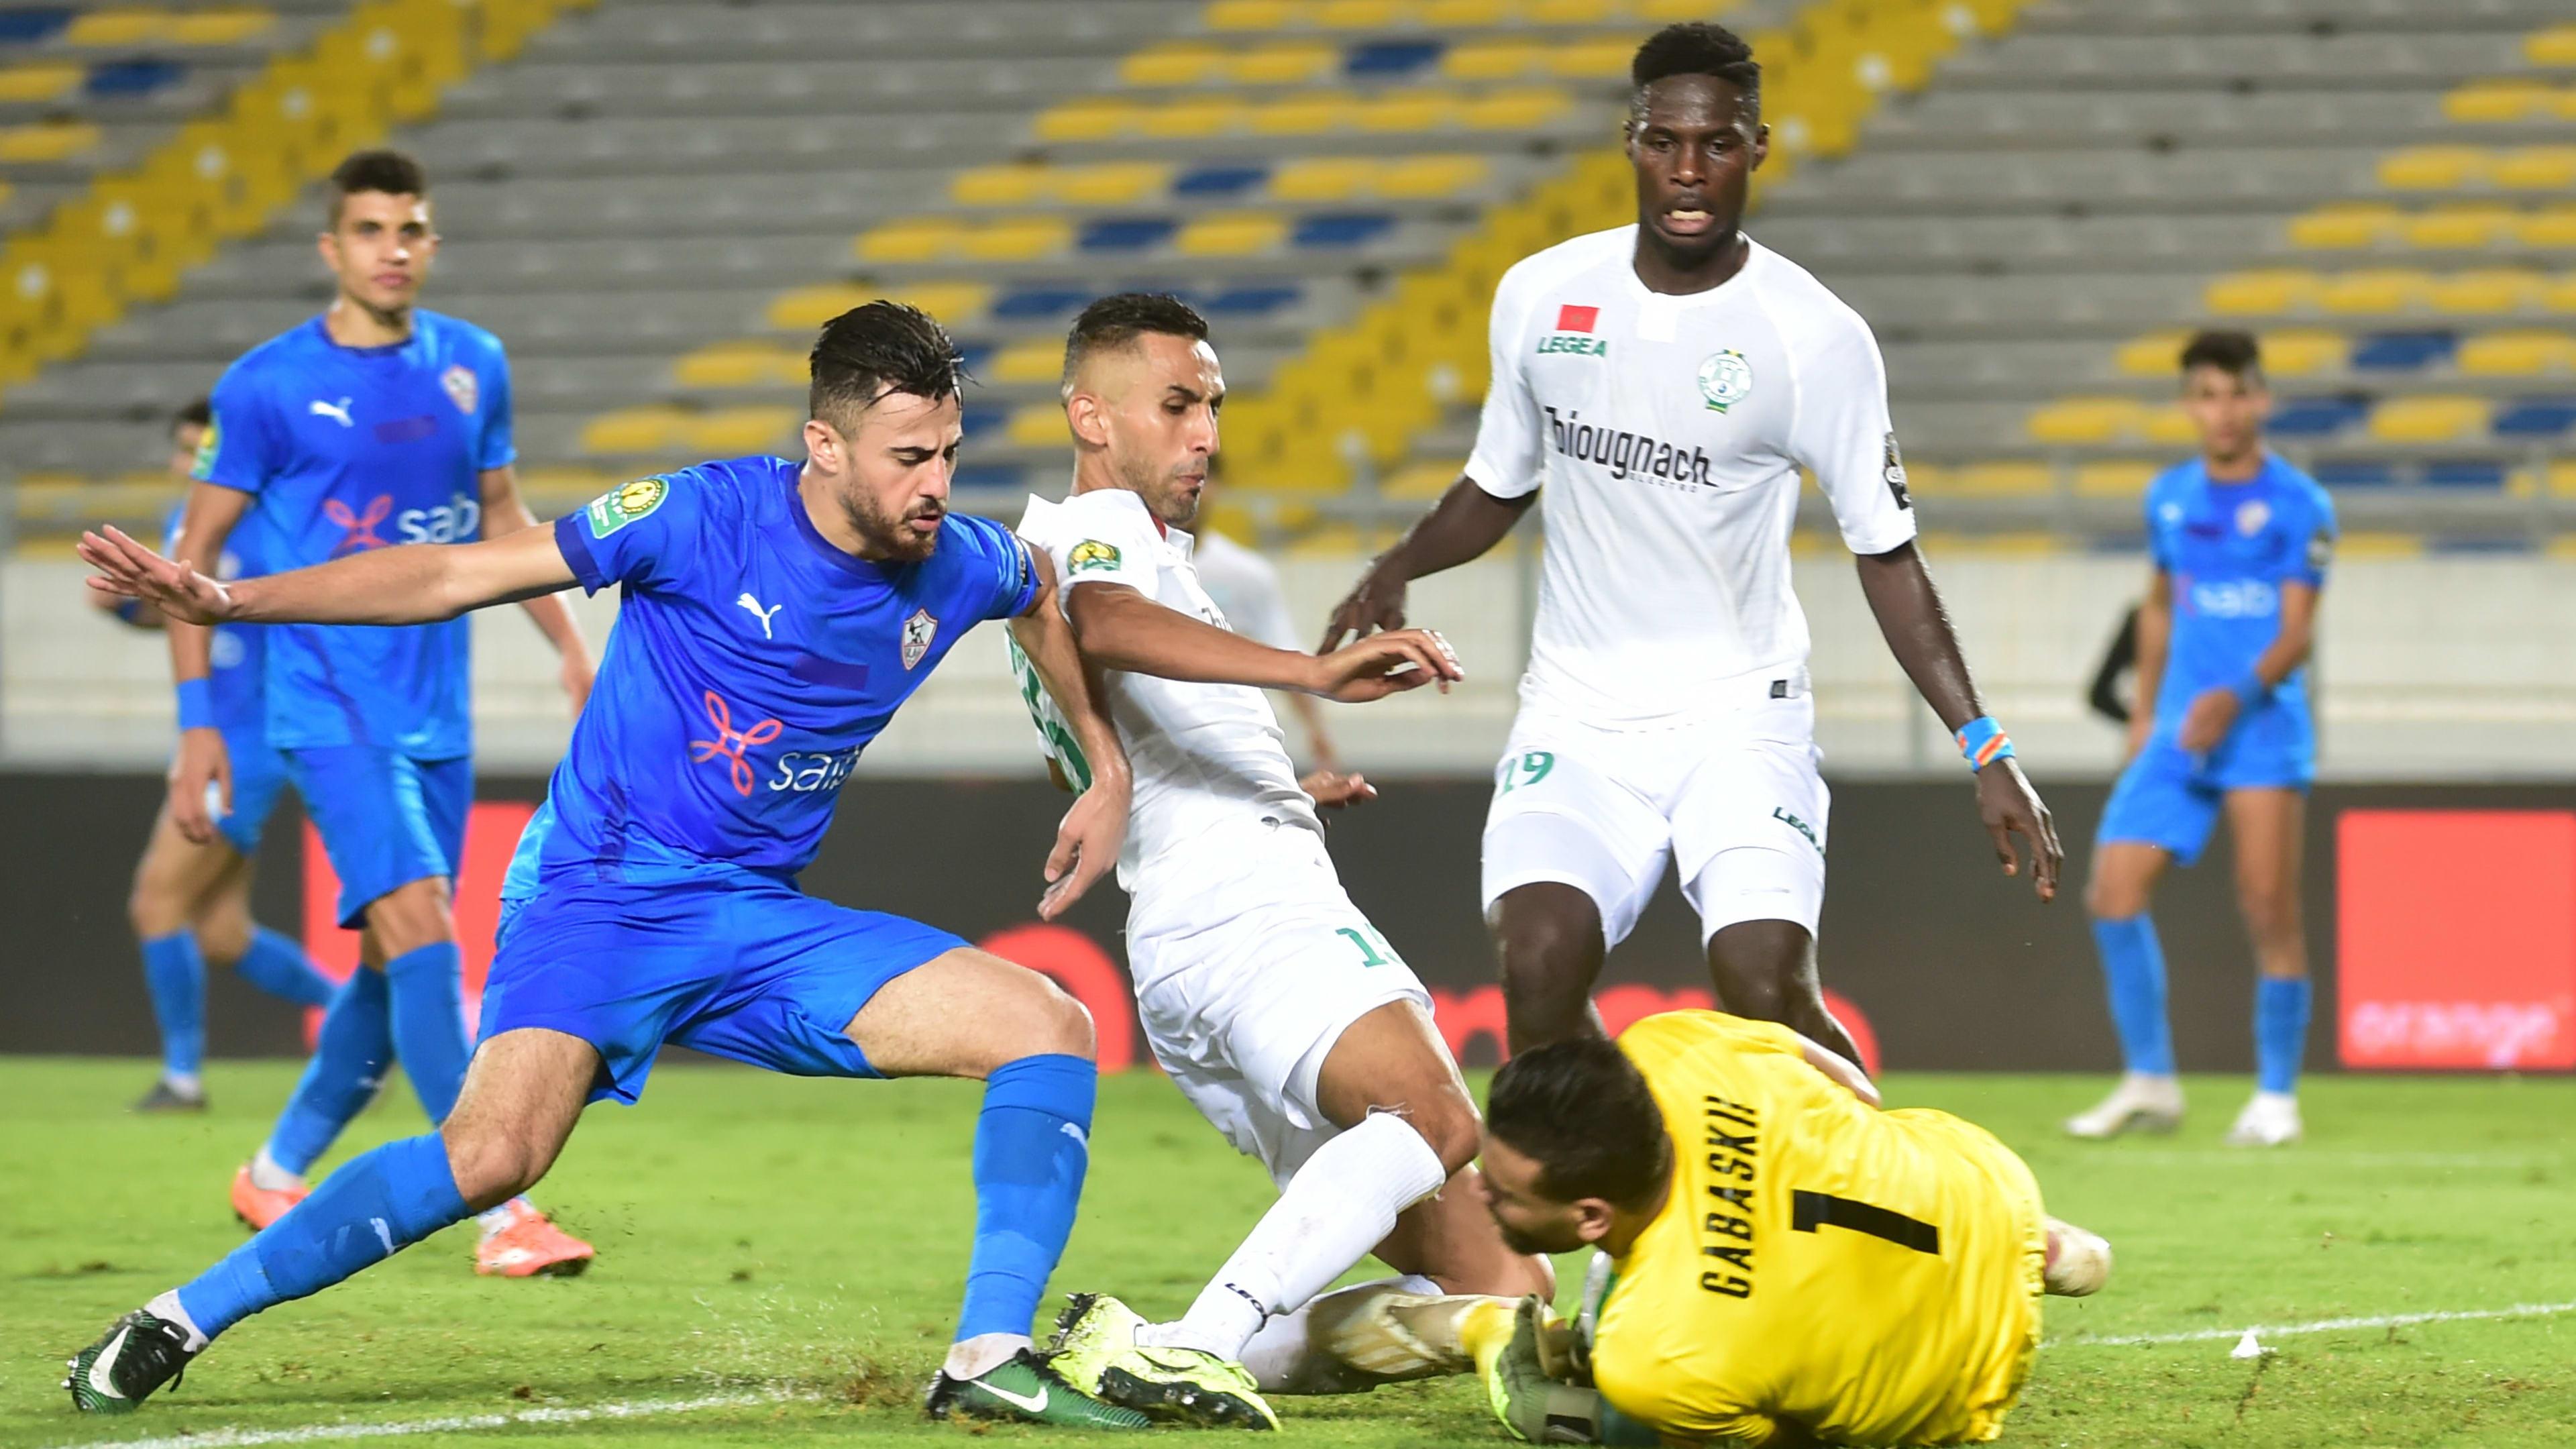 الرجاء المغربى يصل القاهرة الأربعاء لمواجهة الزمالك فى إياب نصف نهائى أفريقيا